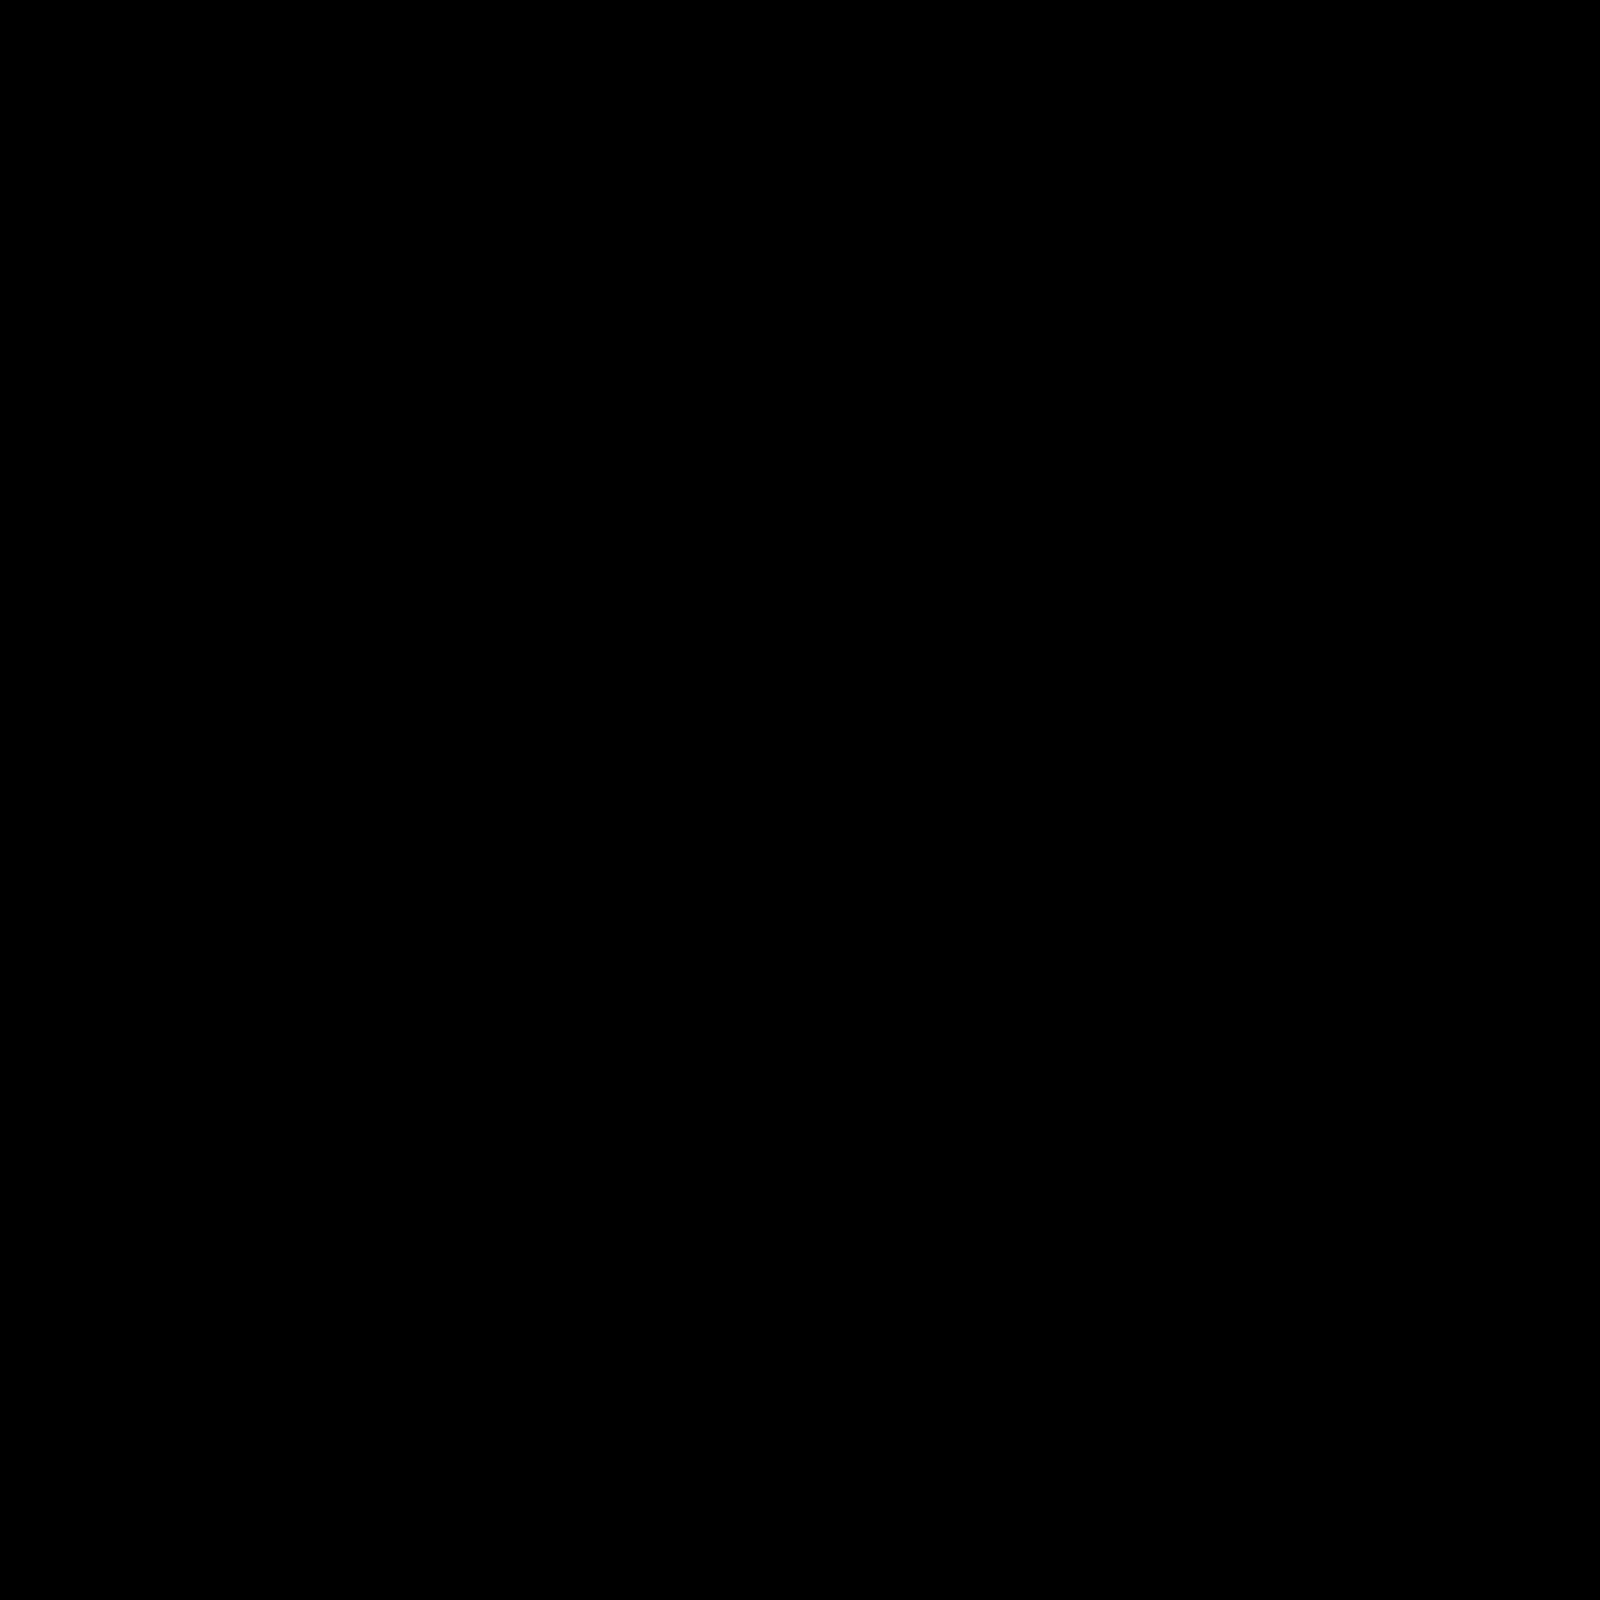 Yoga postnatal icon